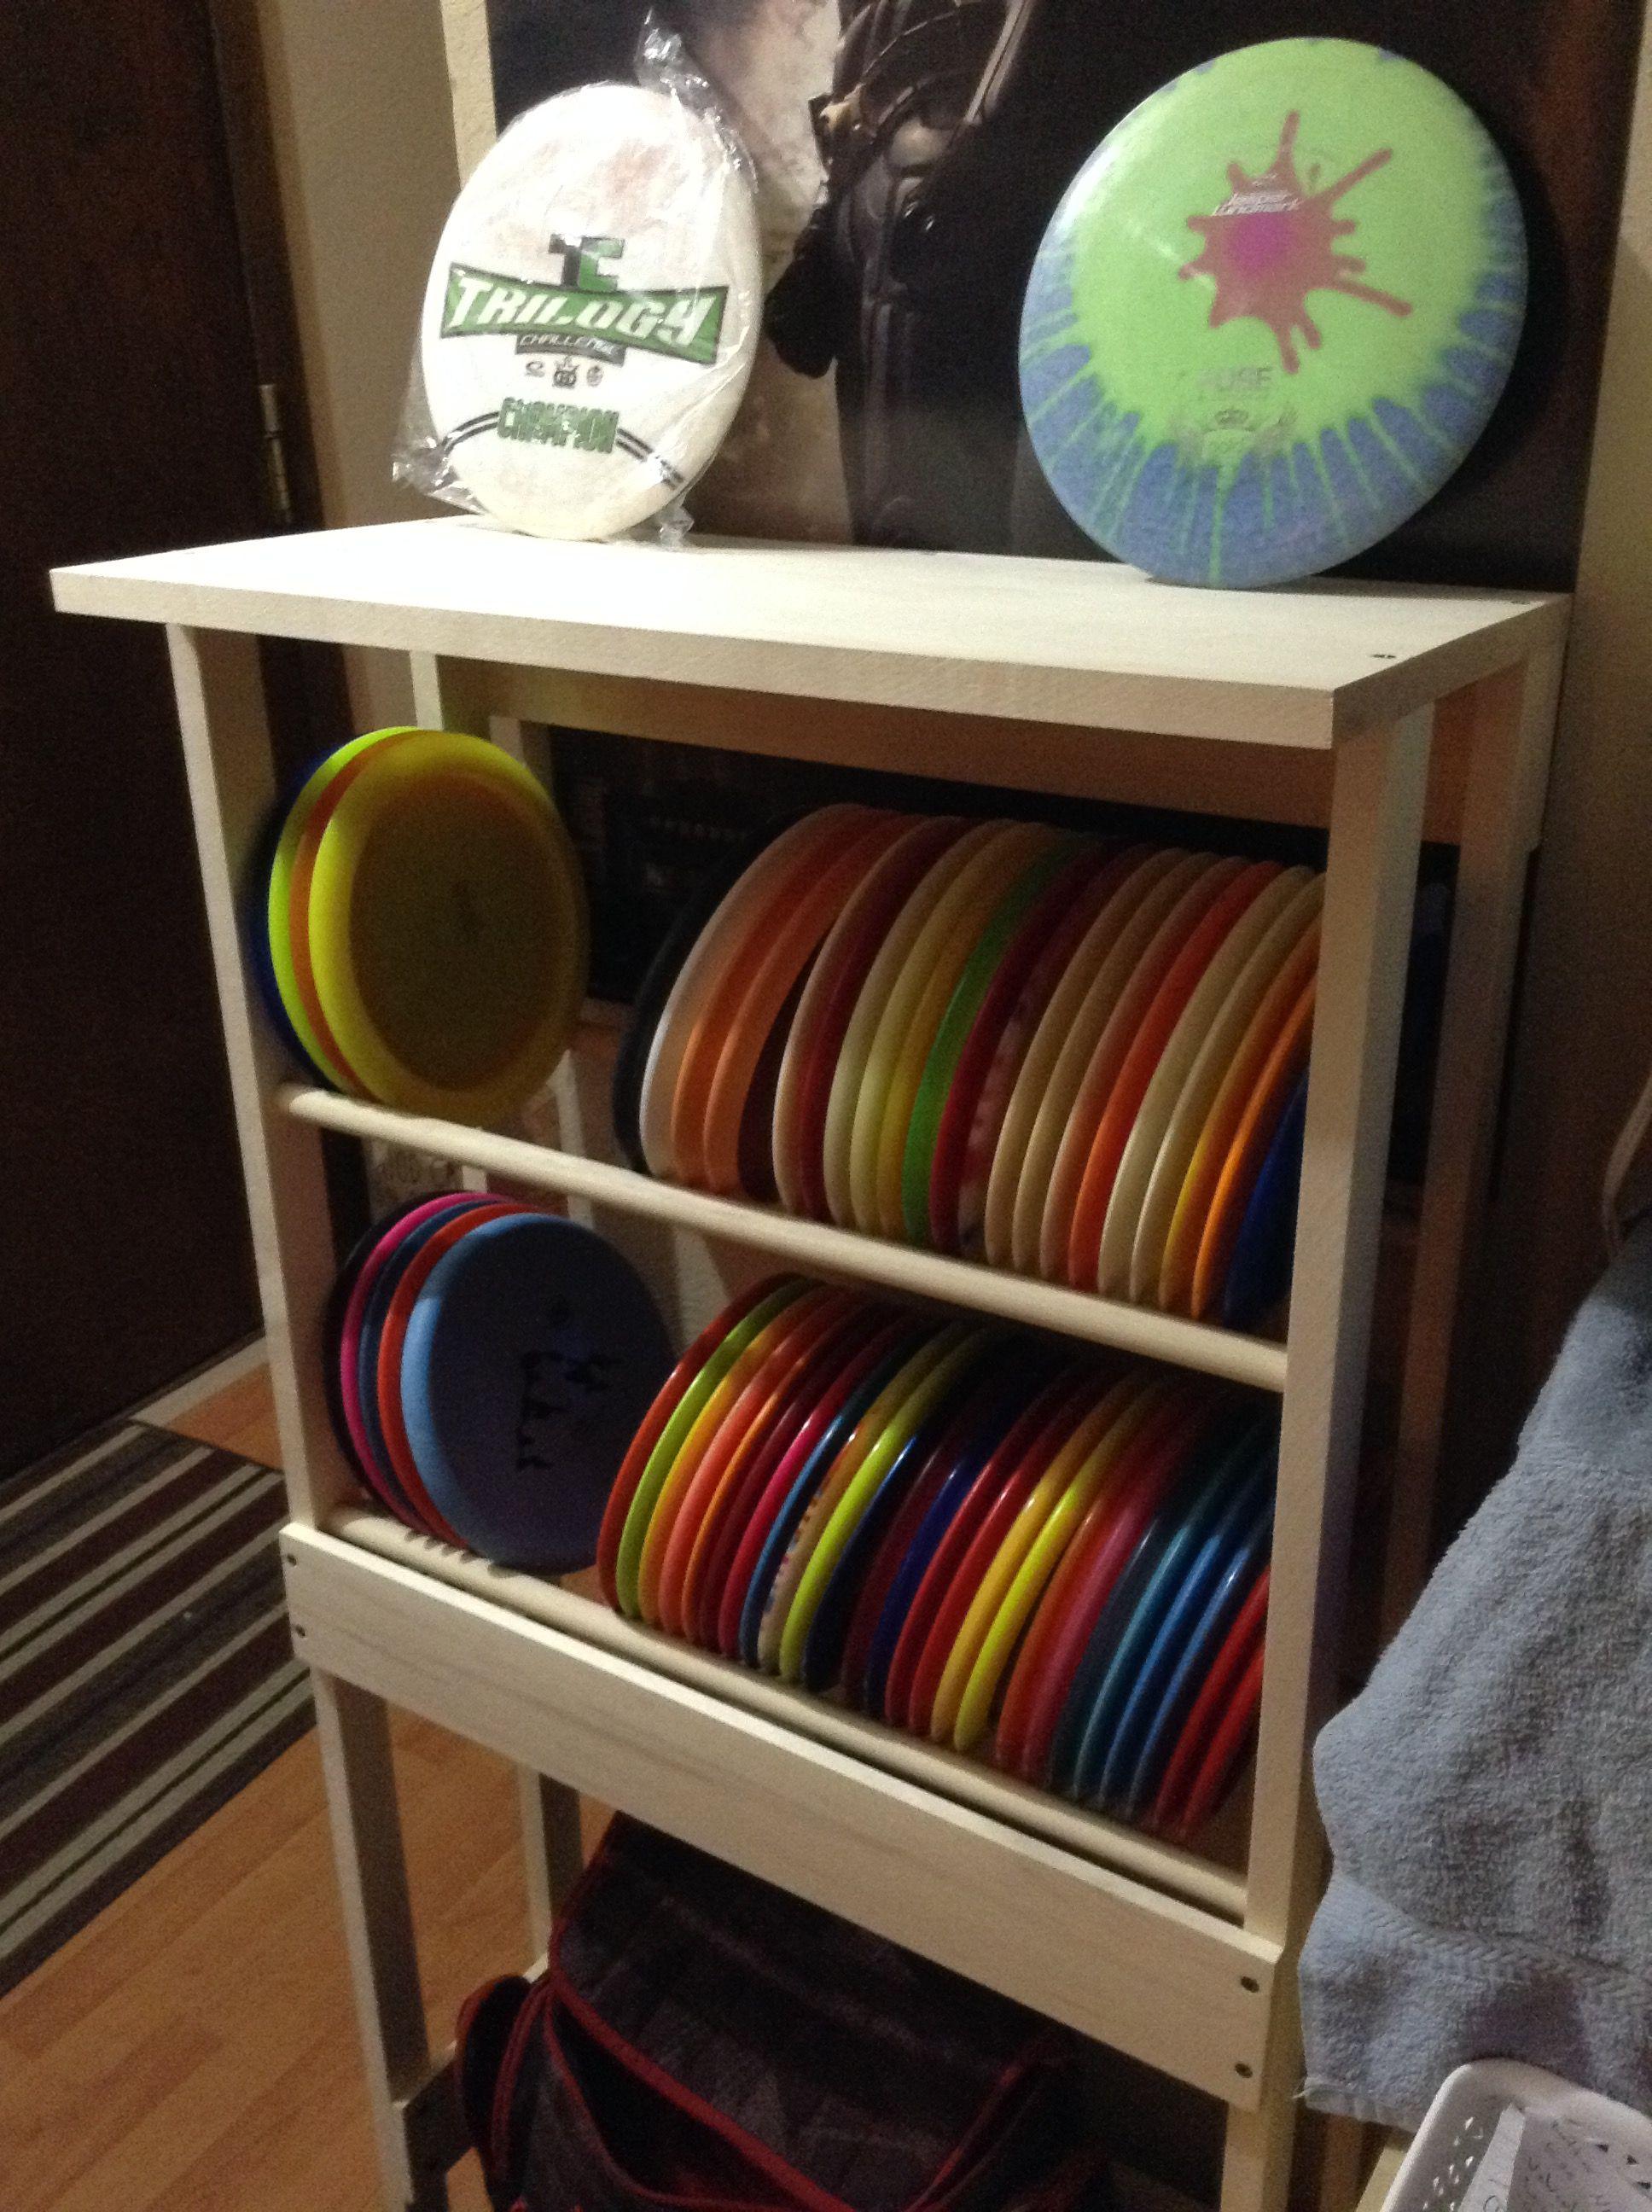 28+ Disc golf rack for sale information